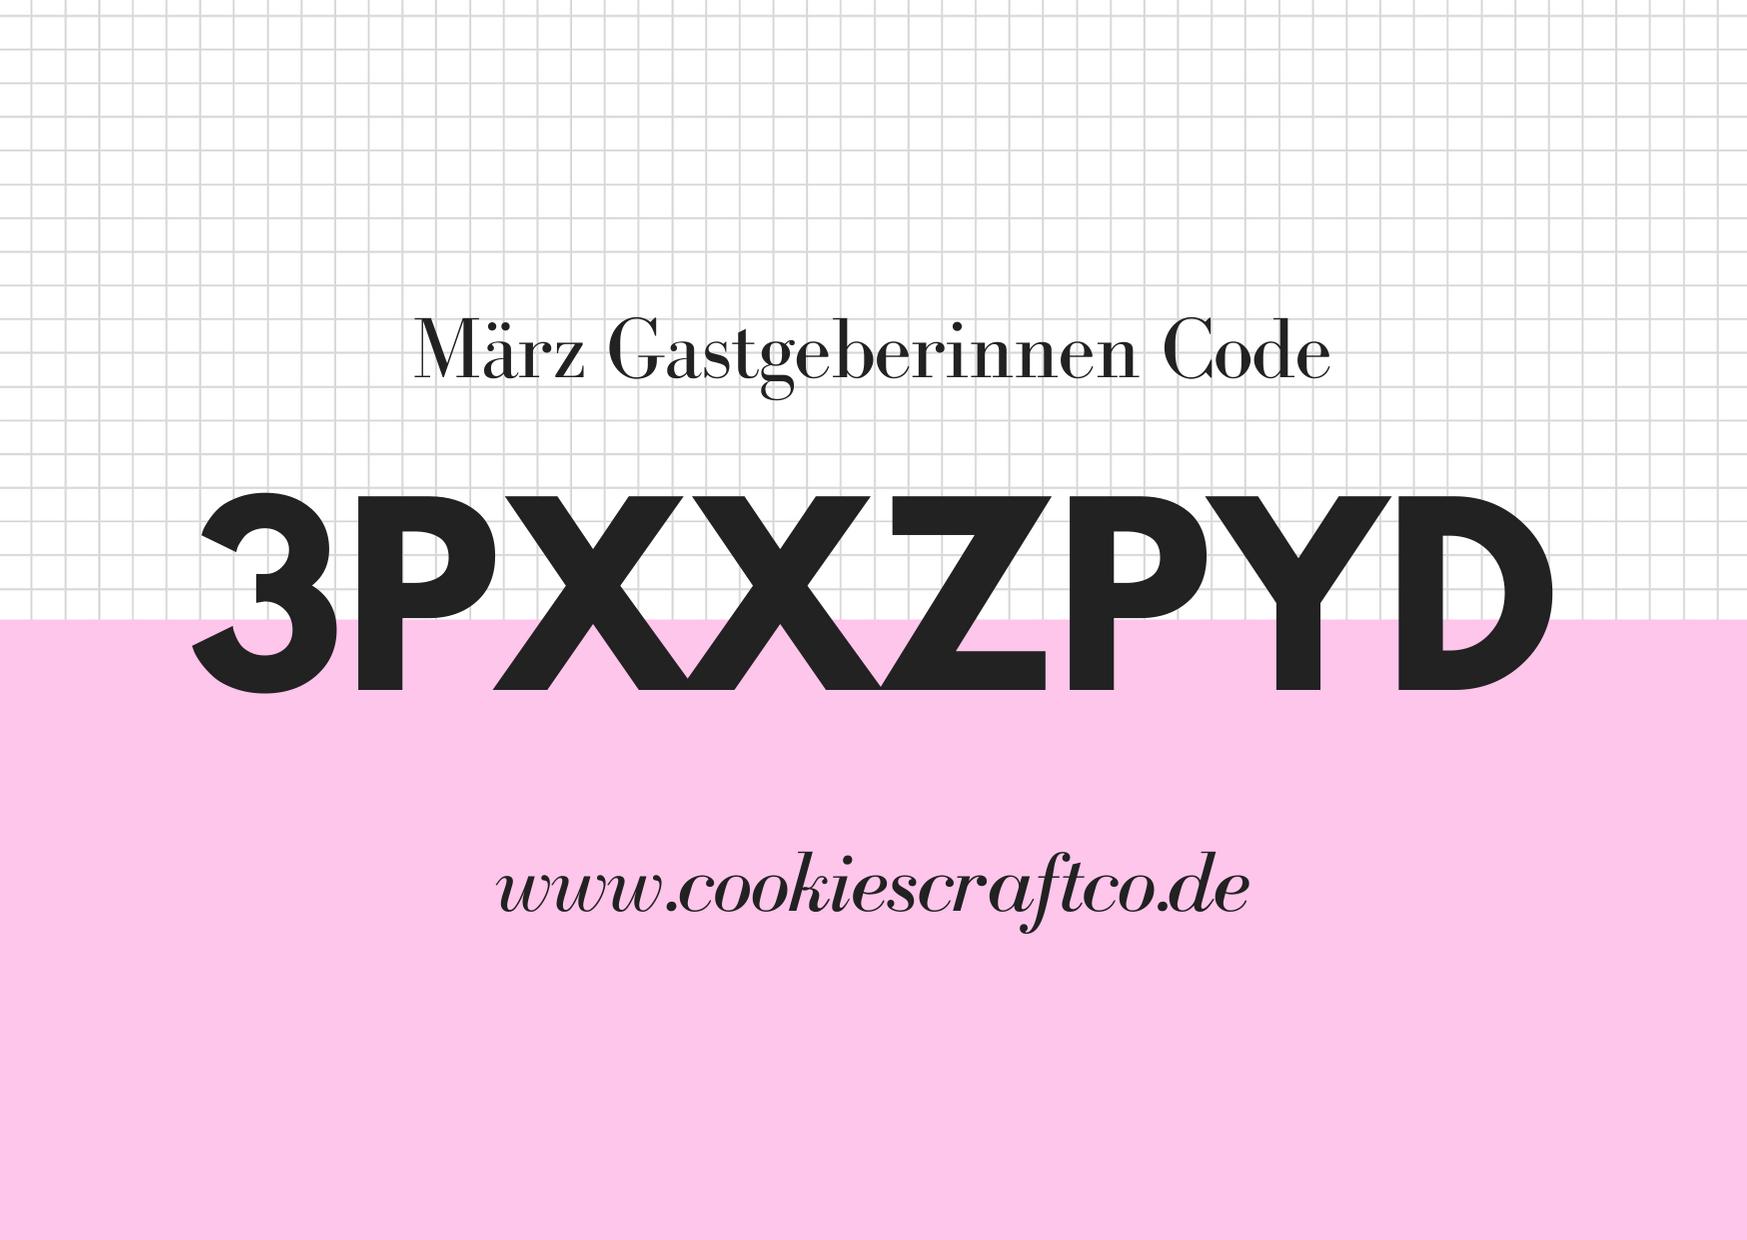 März  - Gastgeberinnencode 3PXXZPYD